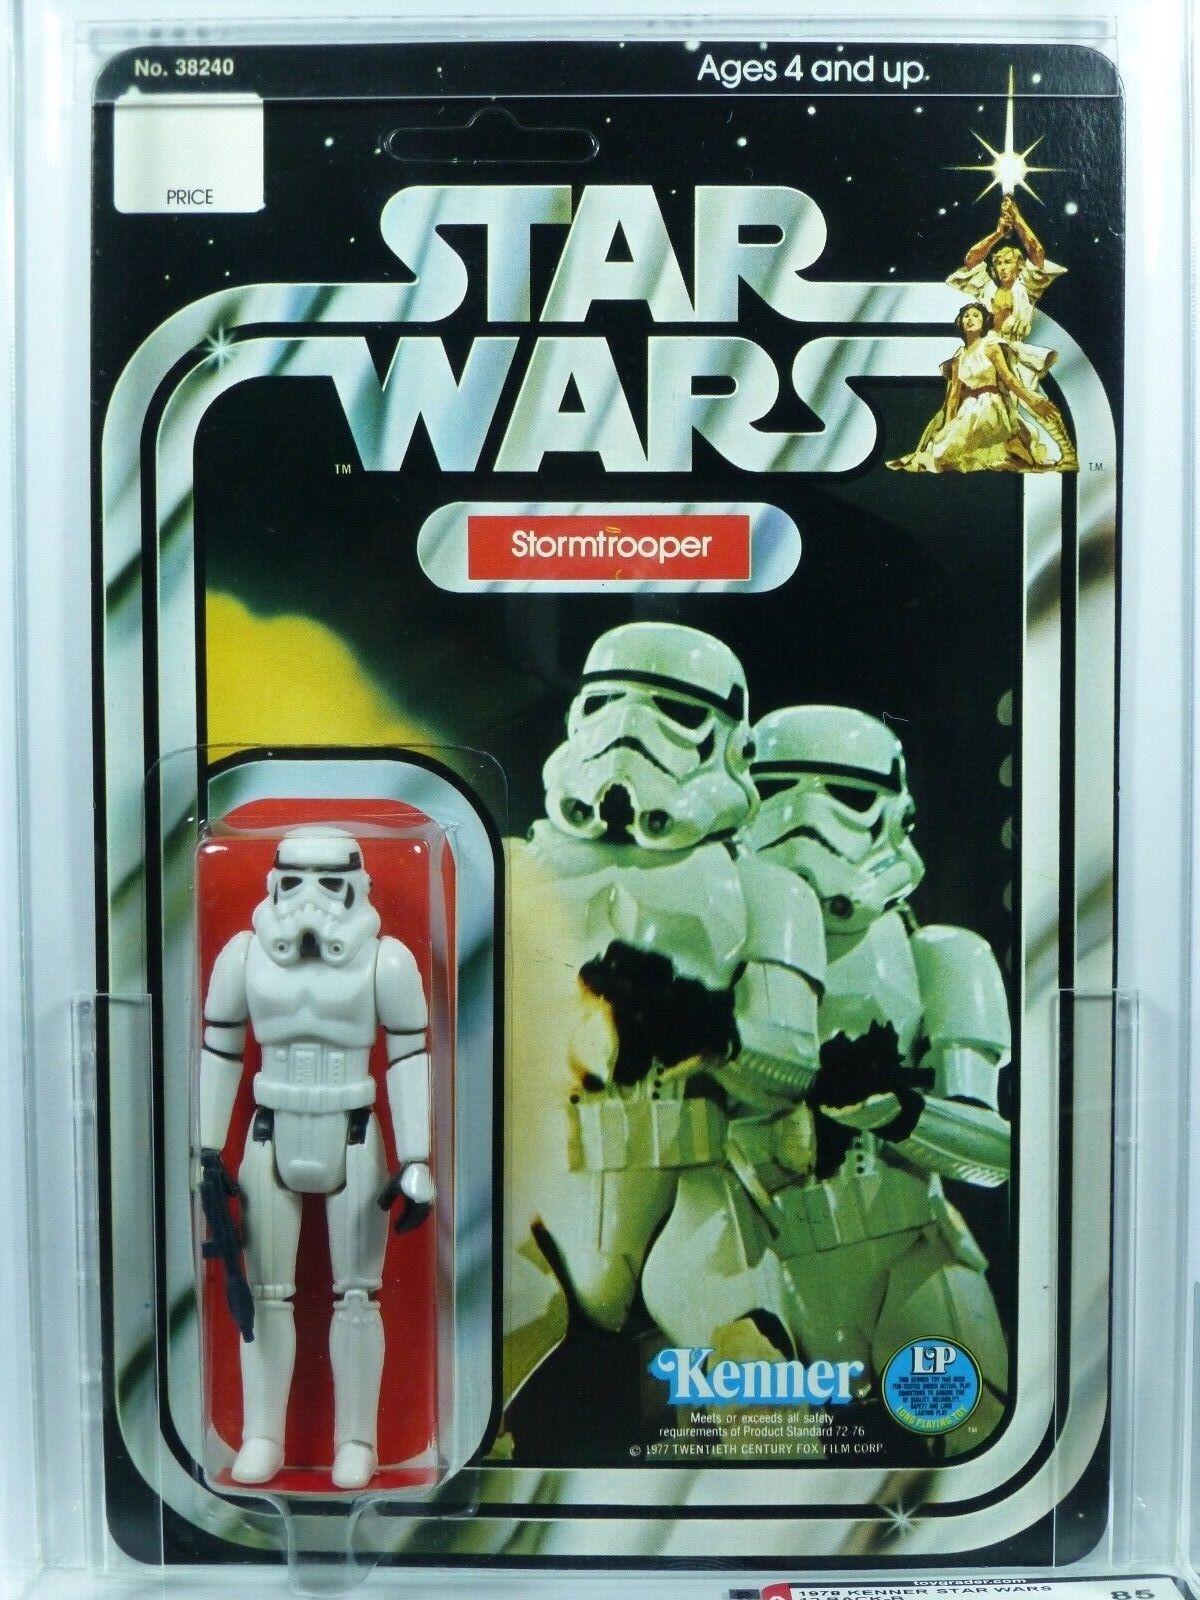 Star Wars Kenner 12-B Stormtrooper Figure MOC AFA 85 Unpunched.